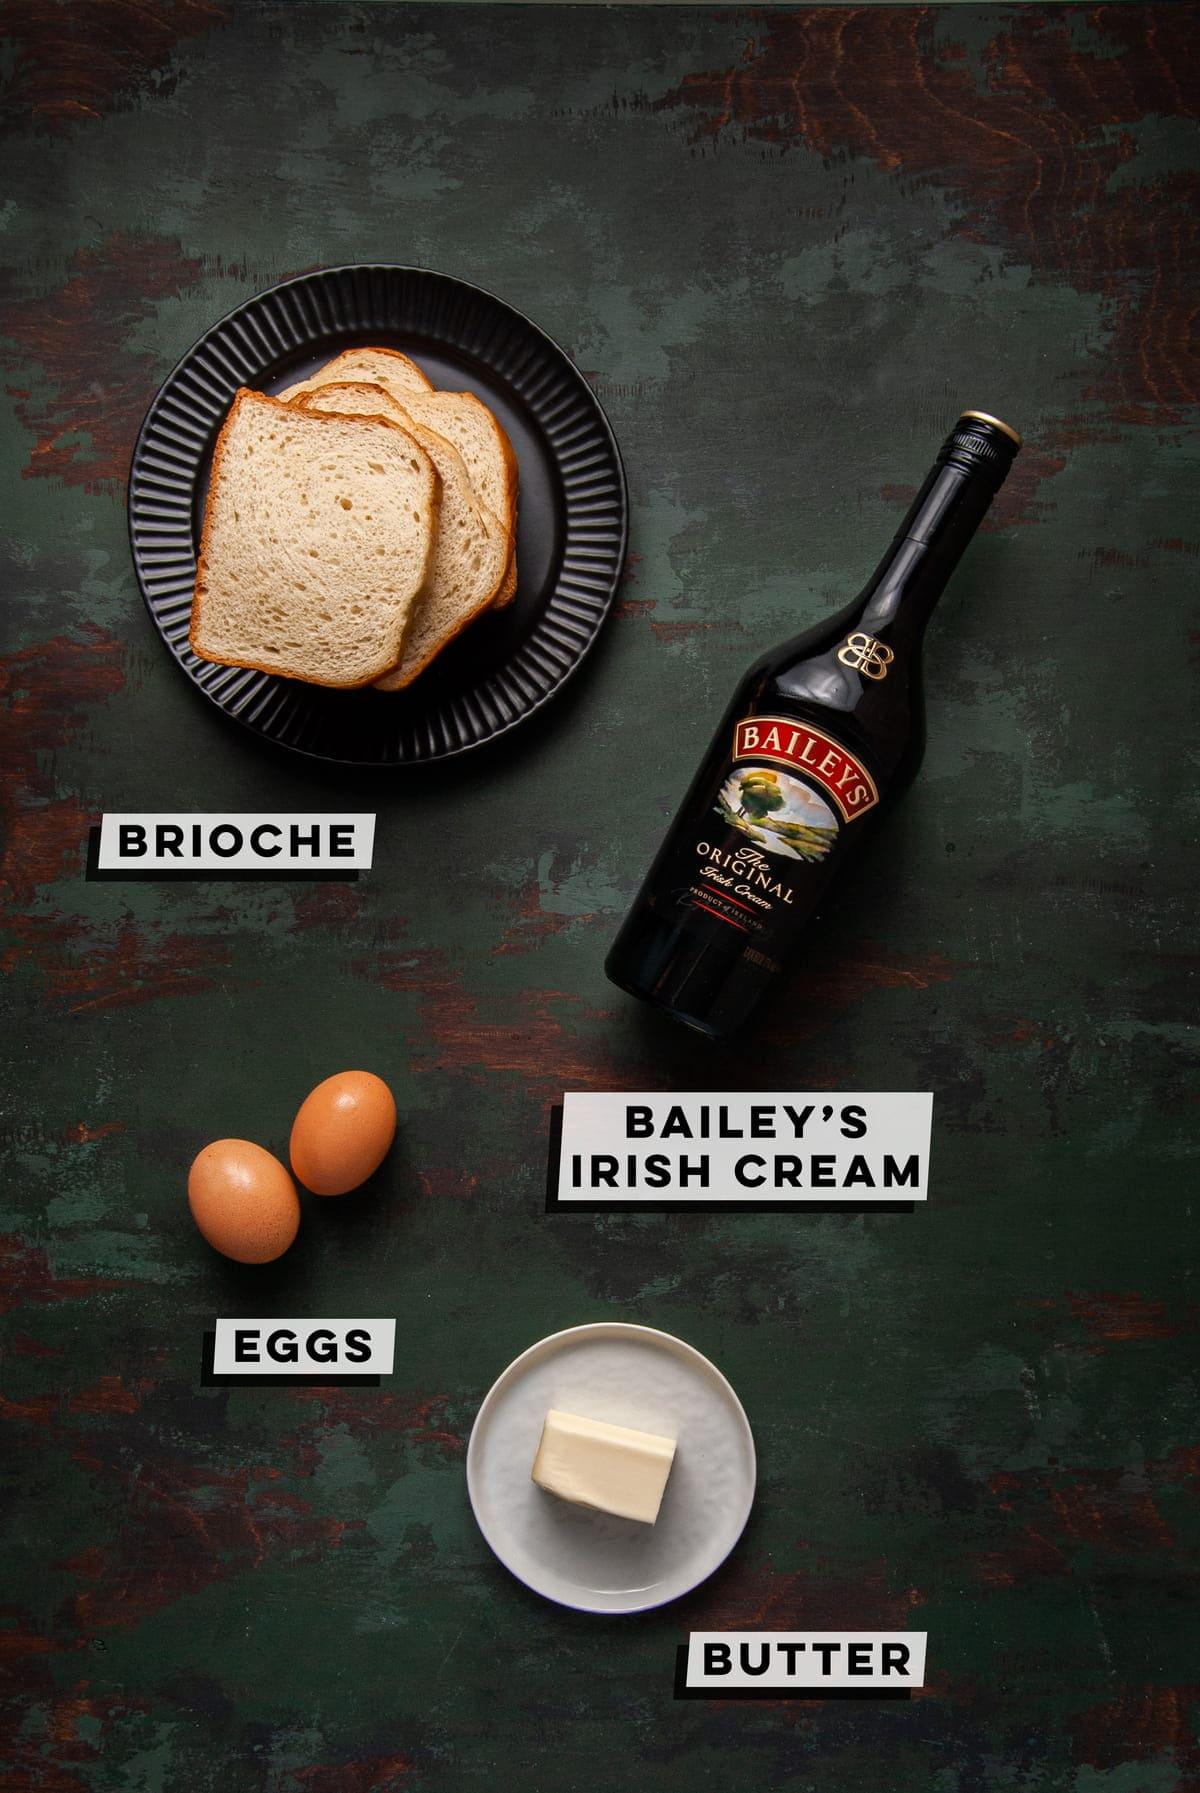 Brioche bread, Bailey's, eggs, butter